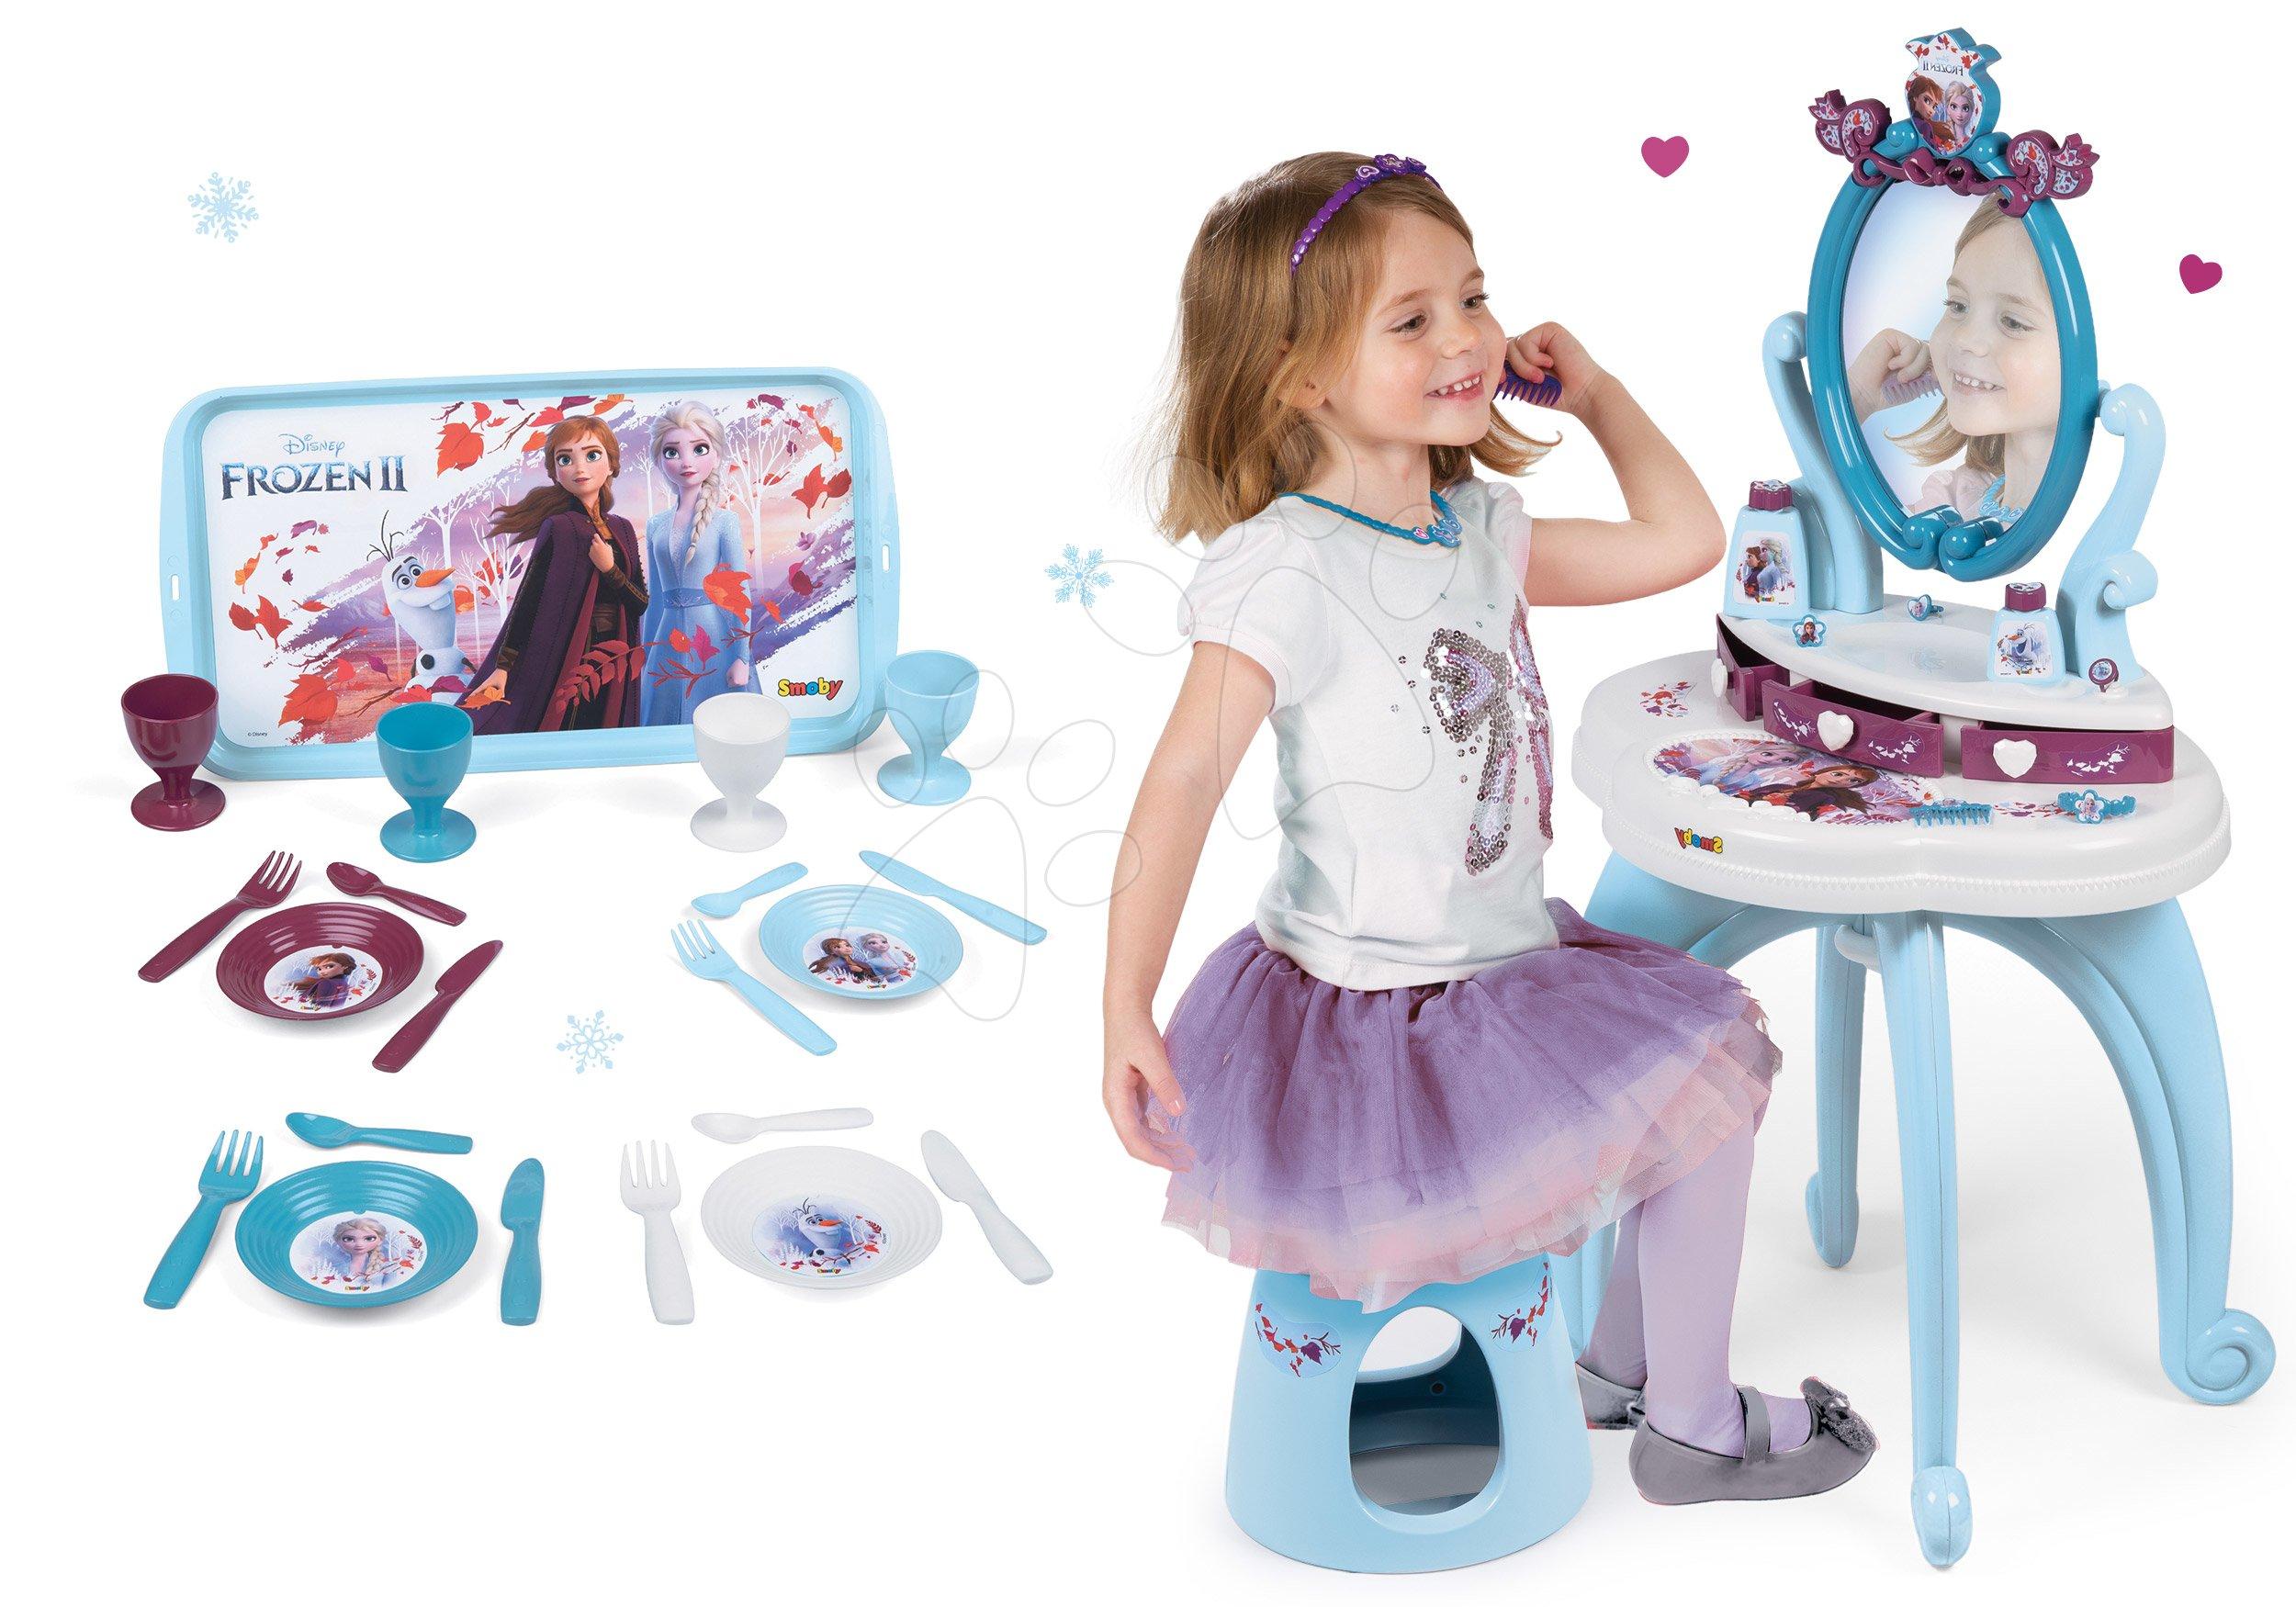 Set kosmetický stolek Frozen Smoby se židlí a velká čajová souprava Frozen